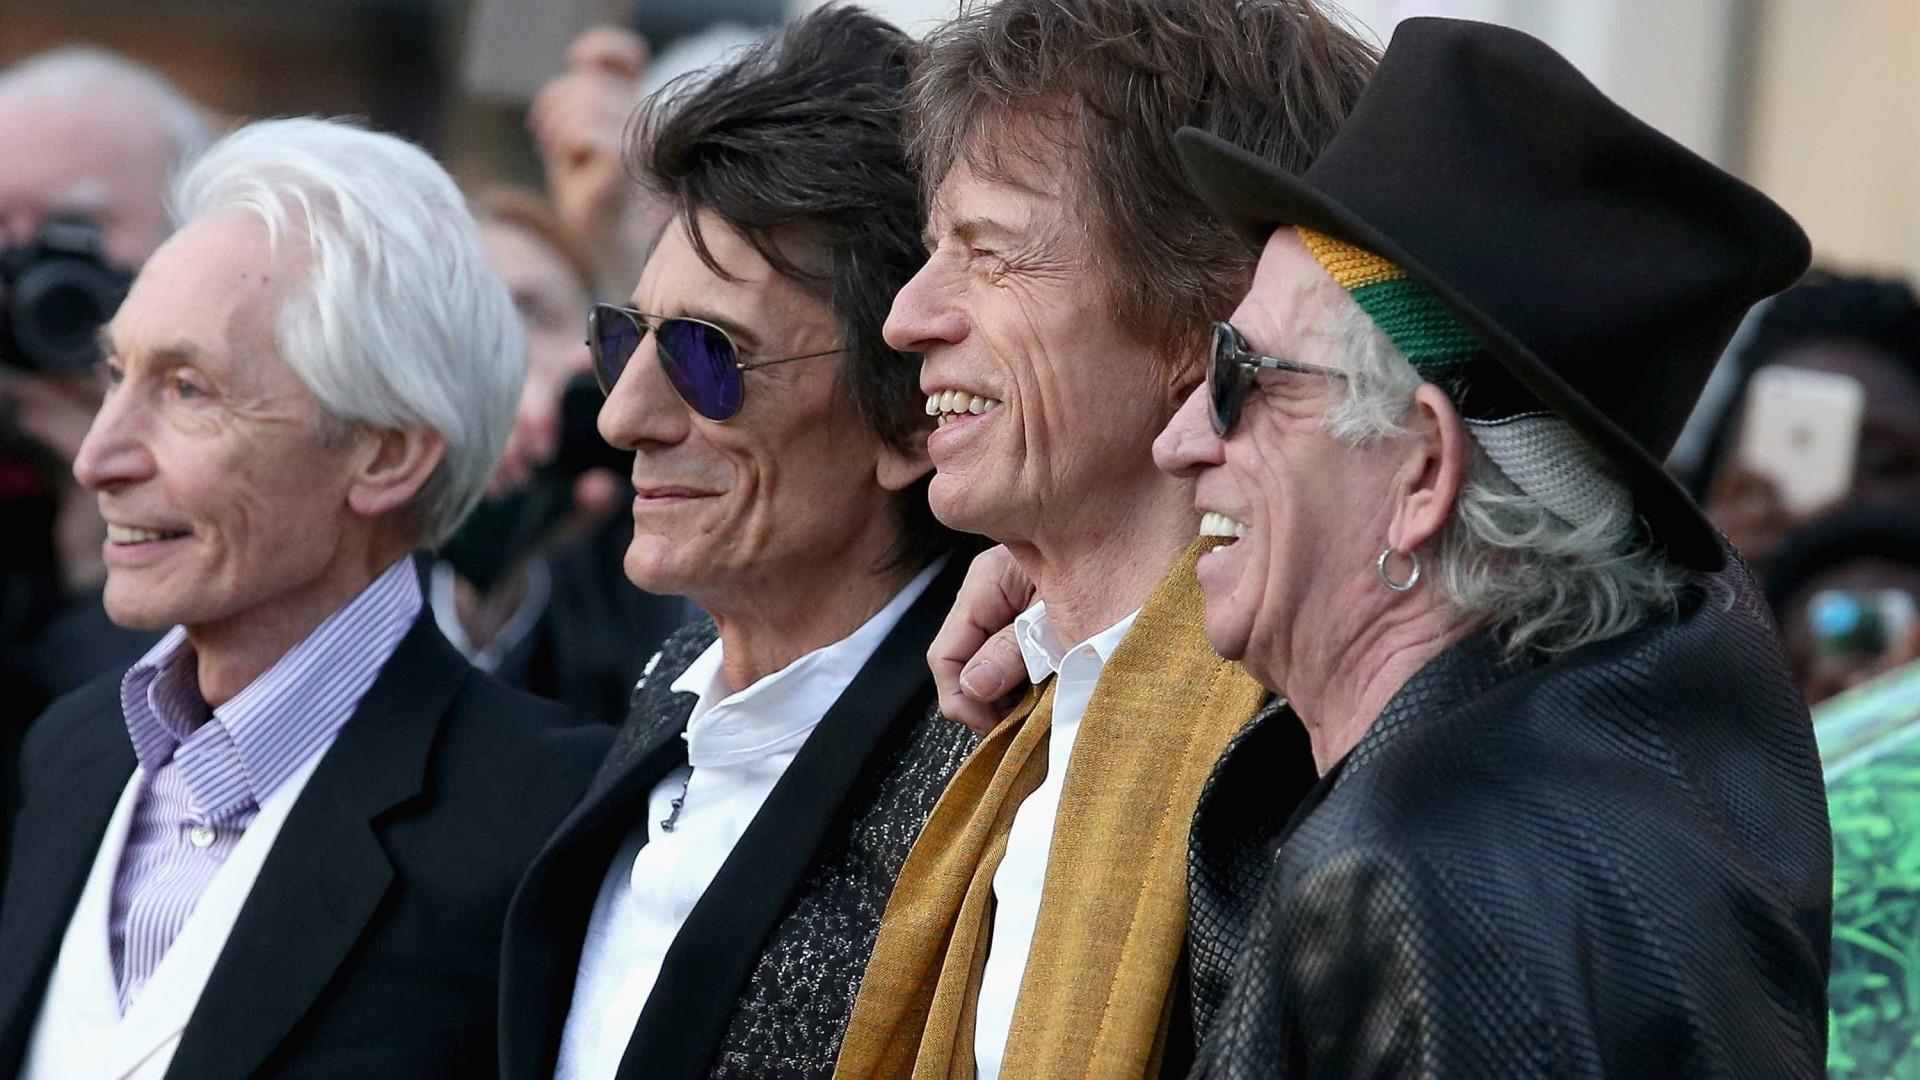 Novo álbum dos Rolling Stones, 'Blue & Lonesome', é editado na sexta